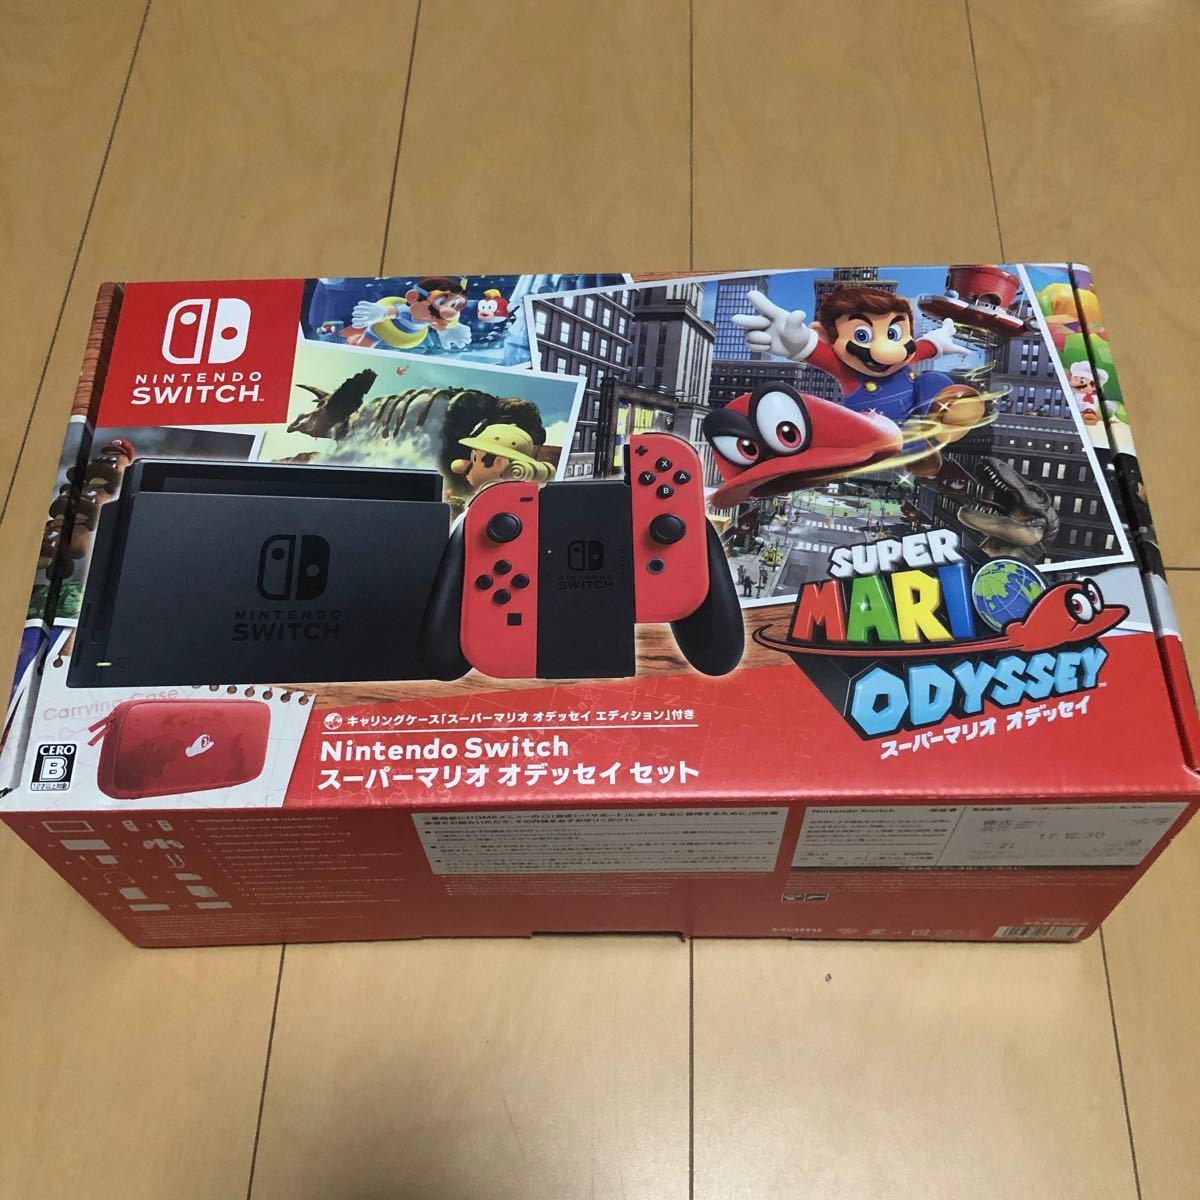 Nintendo Switch スーパーマリオ オテッセイセット